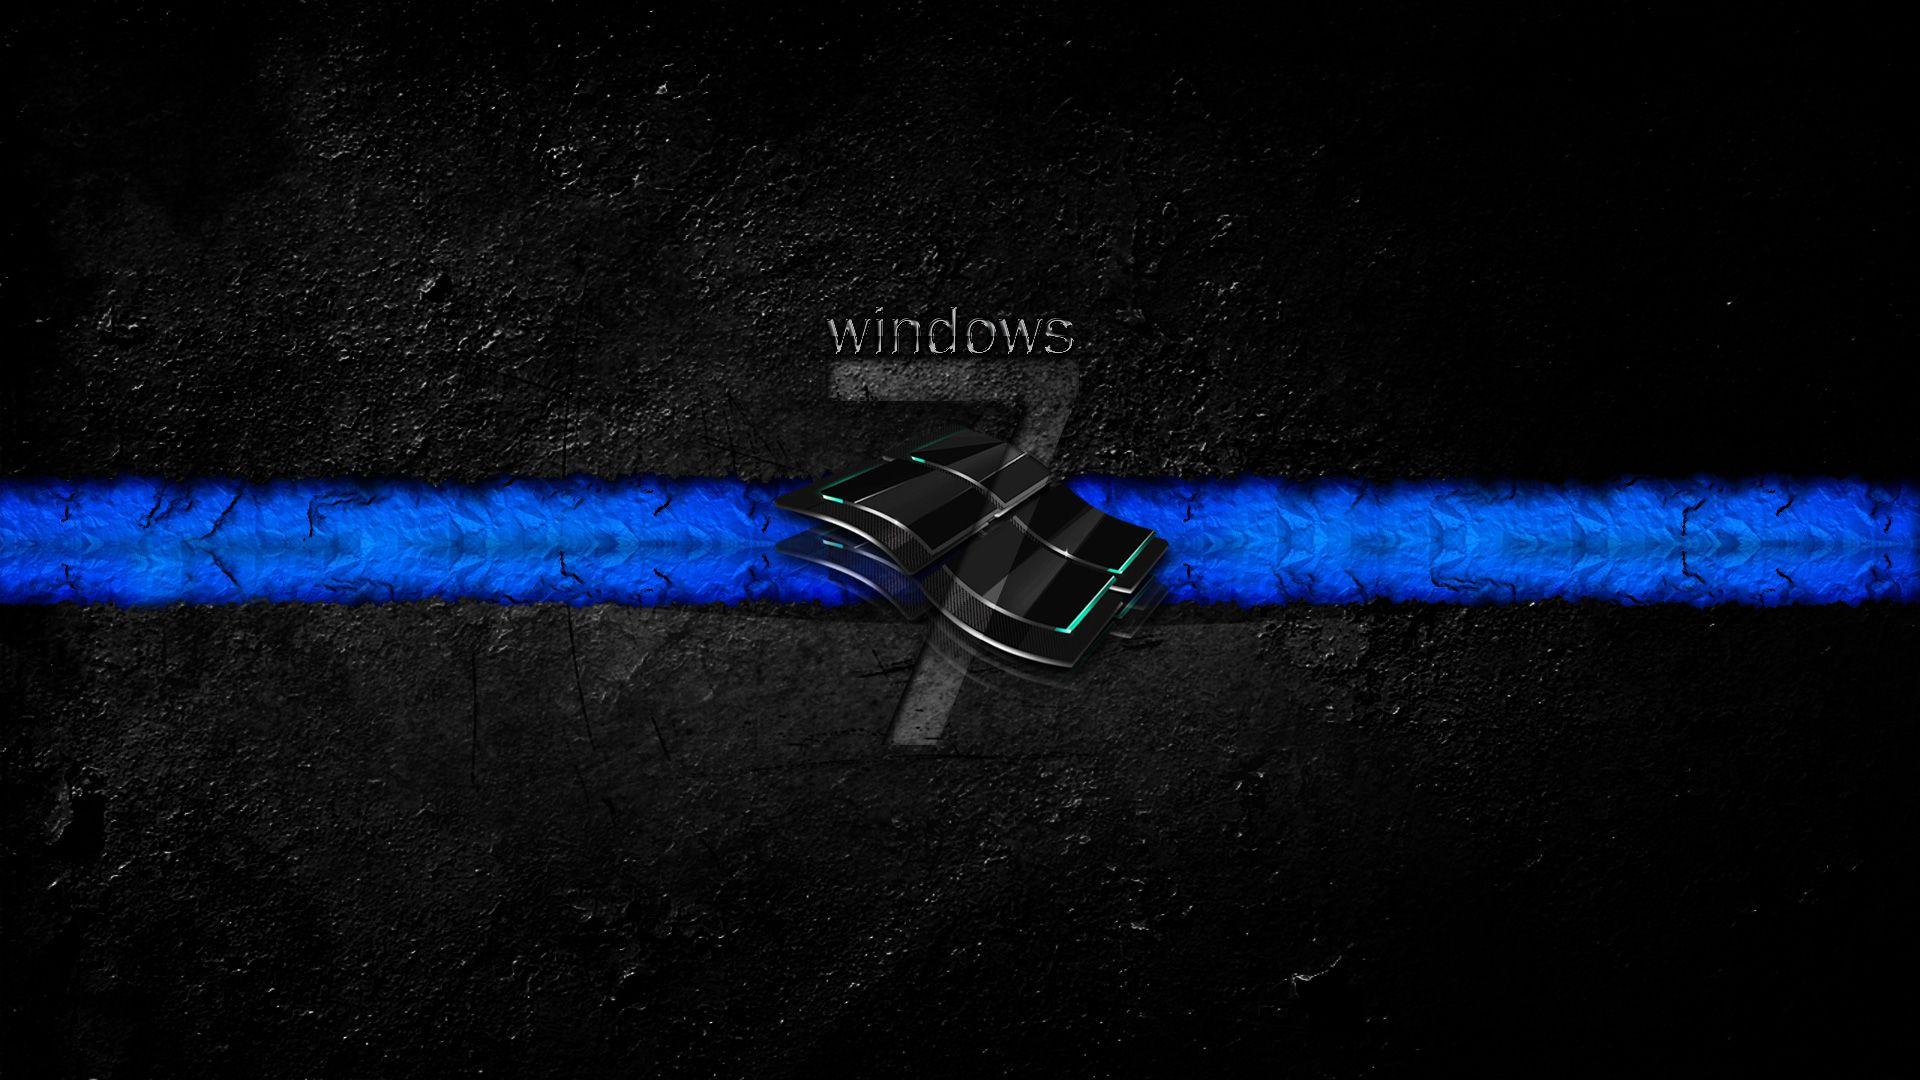 Full Hd P Windows Wallpapers Hd Desktop Backgrounds Windows Hd